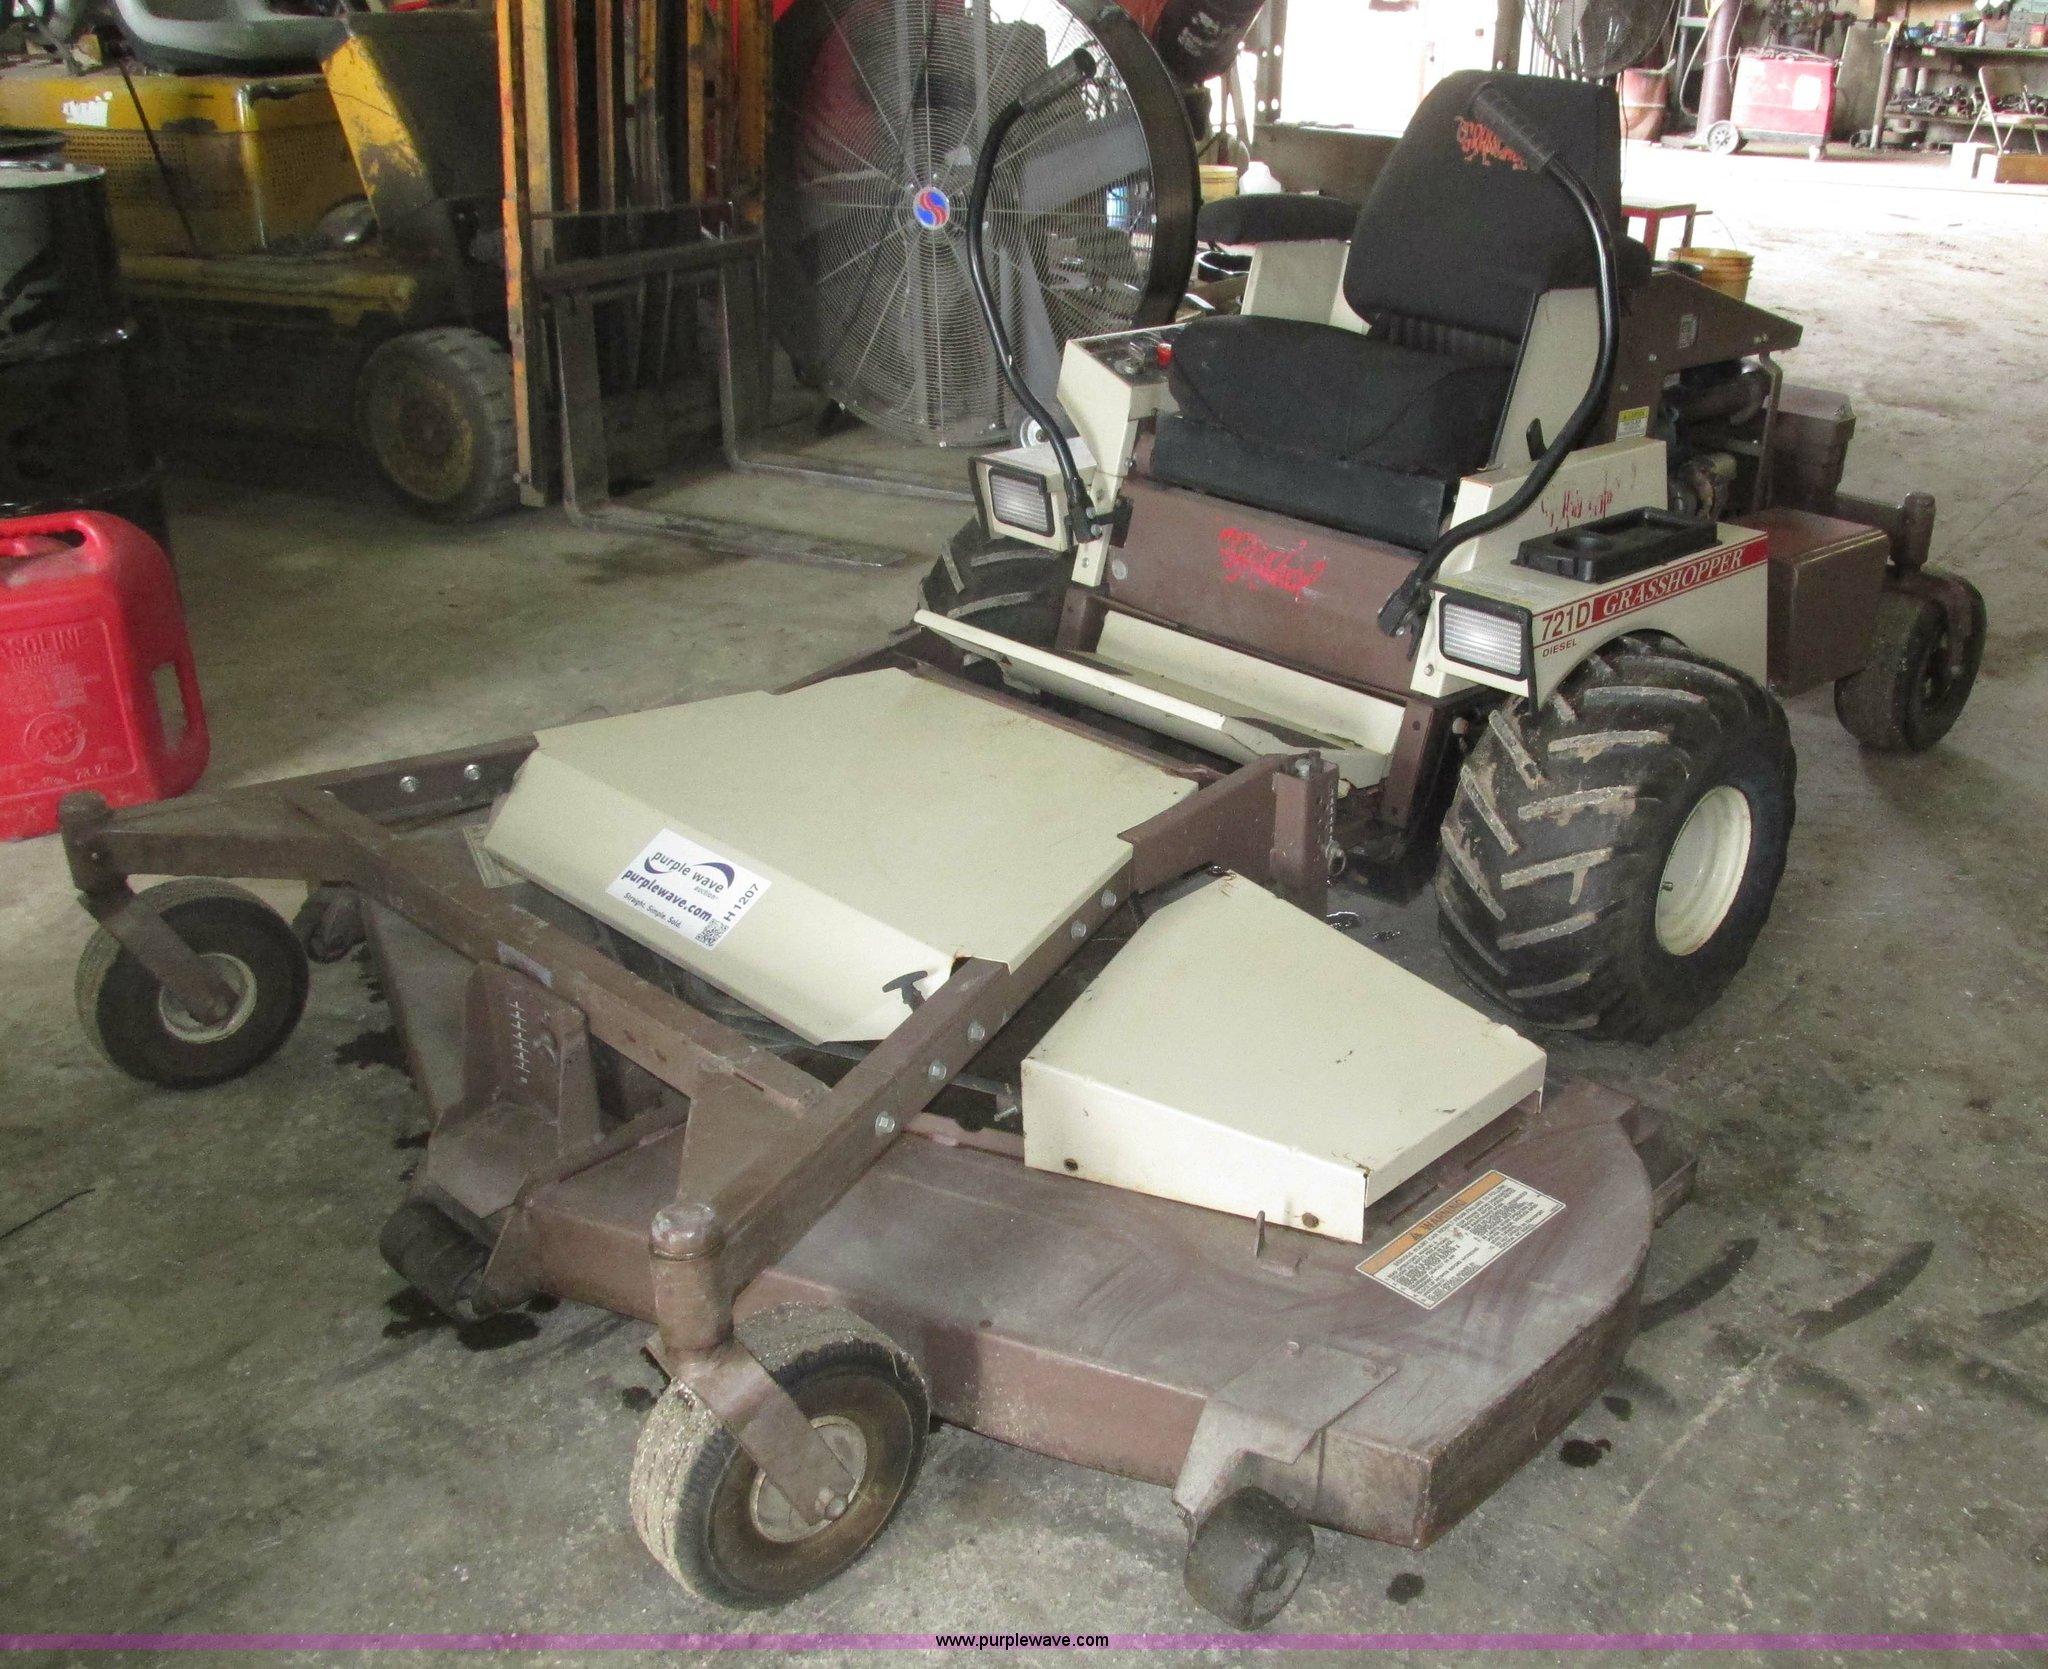 ... Grasshopper 721D ZTR lawn mower Full size in new window ...